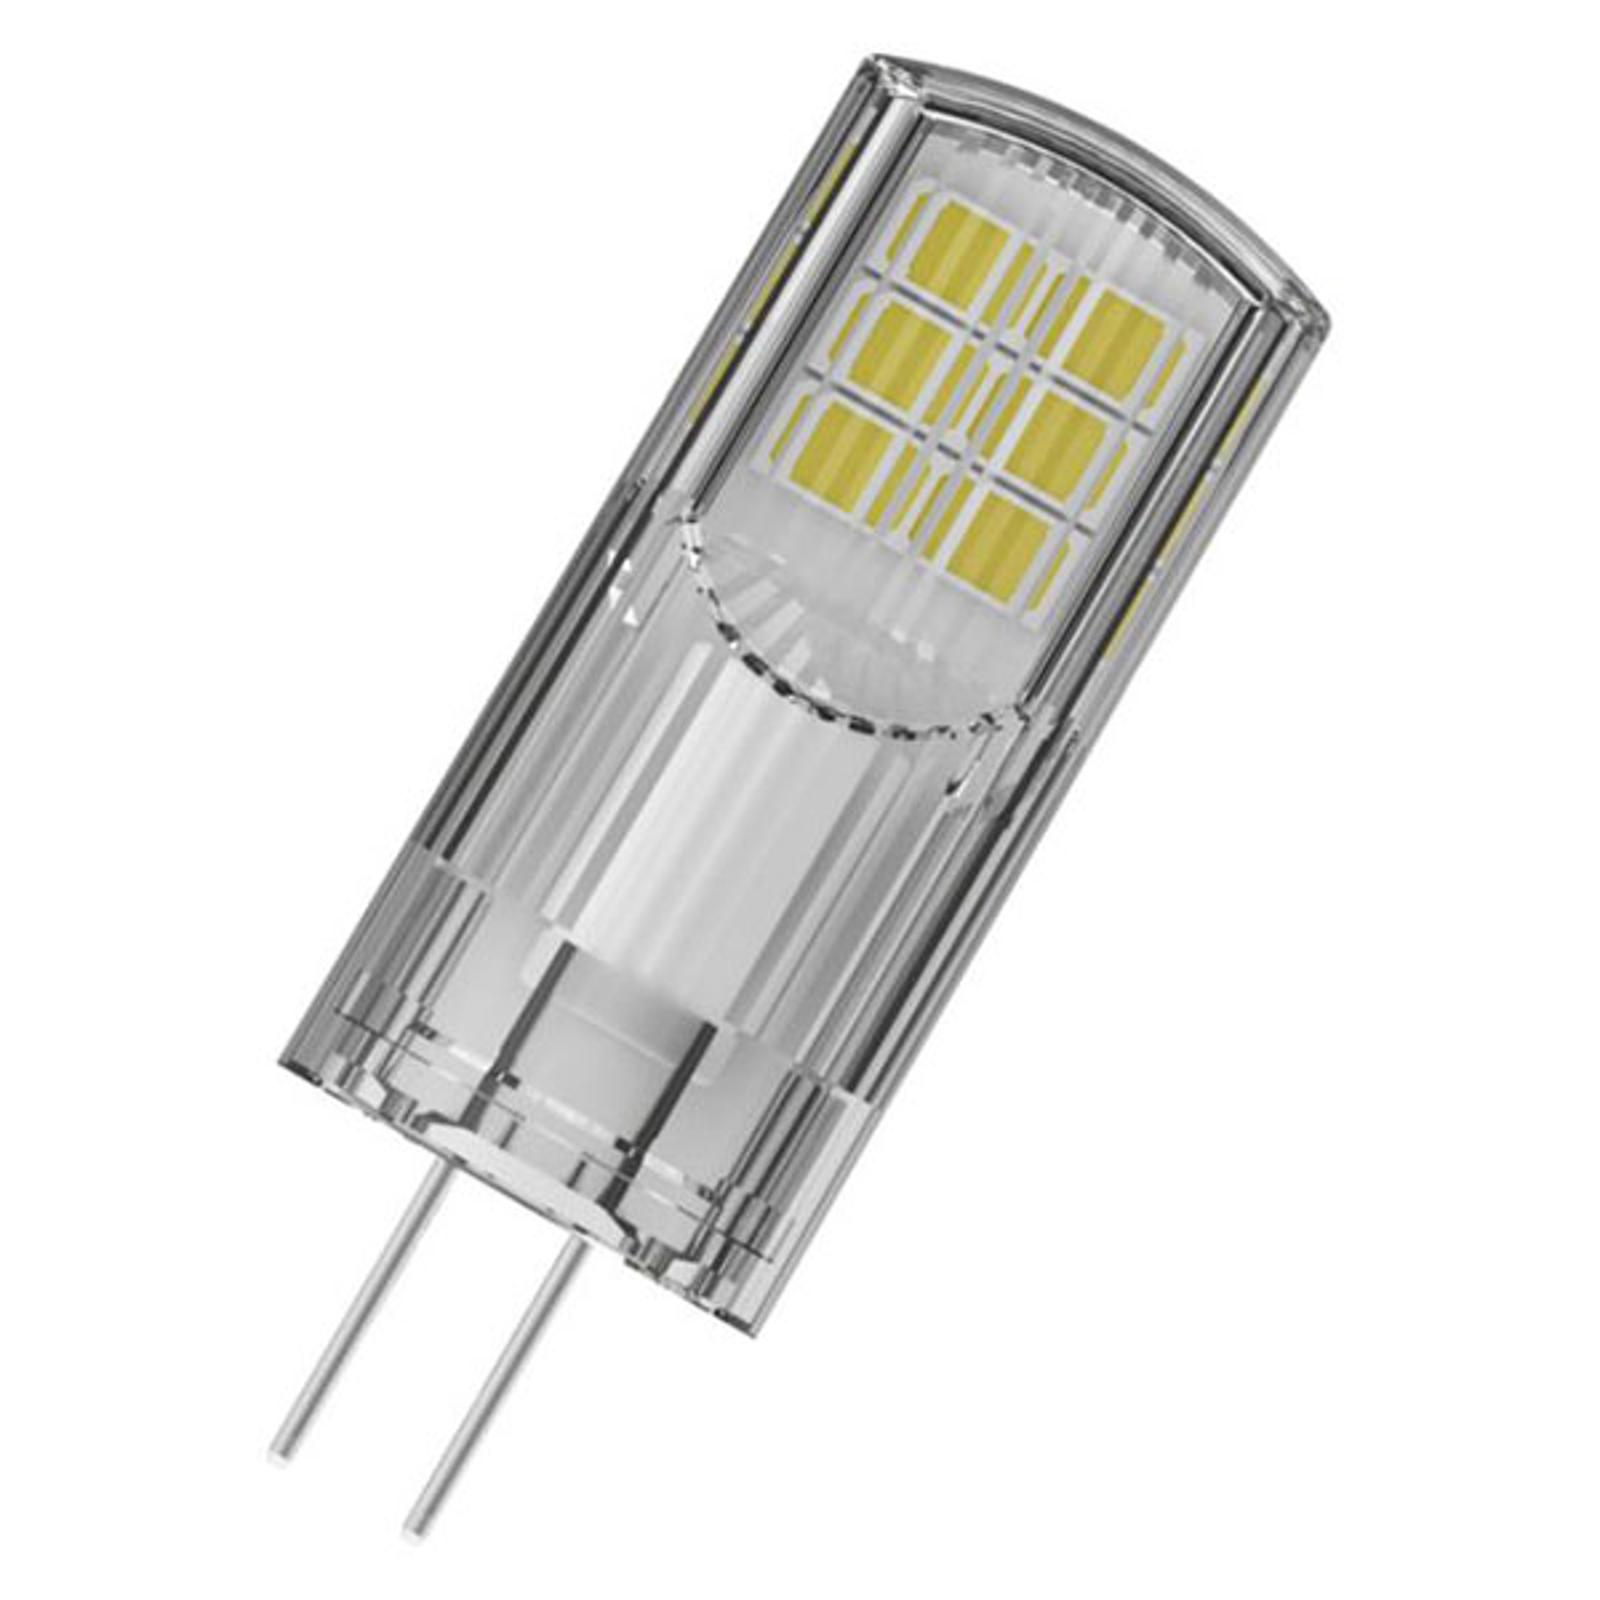 OSRAM LED-Stiftlampe G4 2,6W, warmweiß, 300 lm